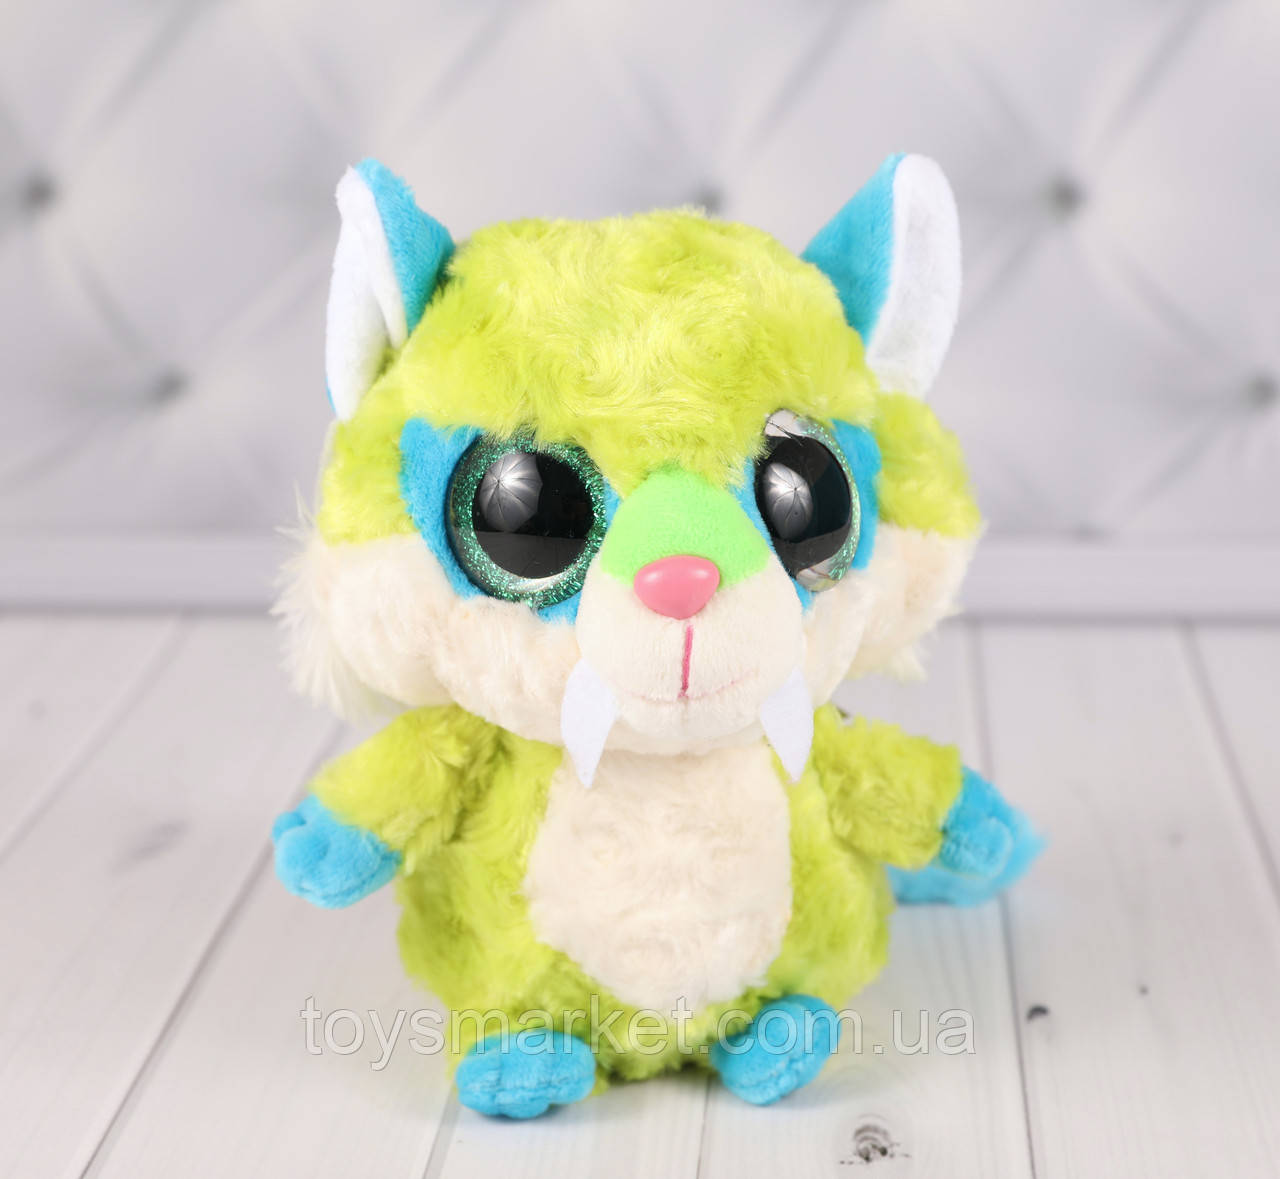 Мягкая игрушка чудо зверёк зелёный, плюшевый зверёк 17 см.